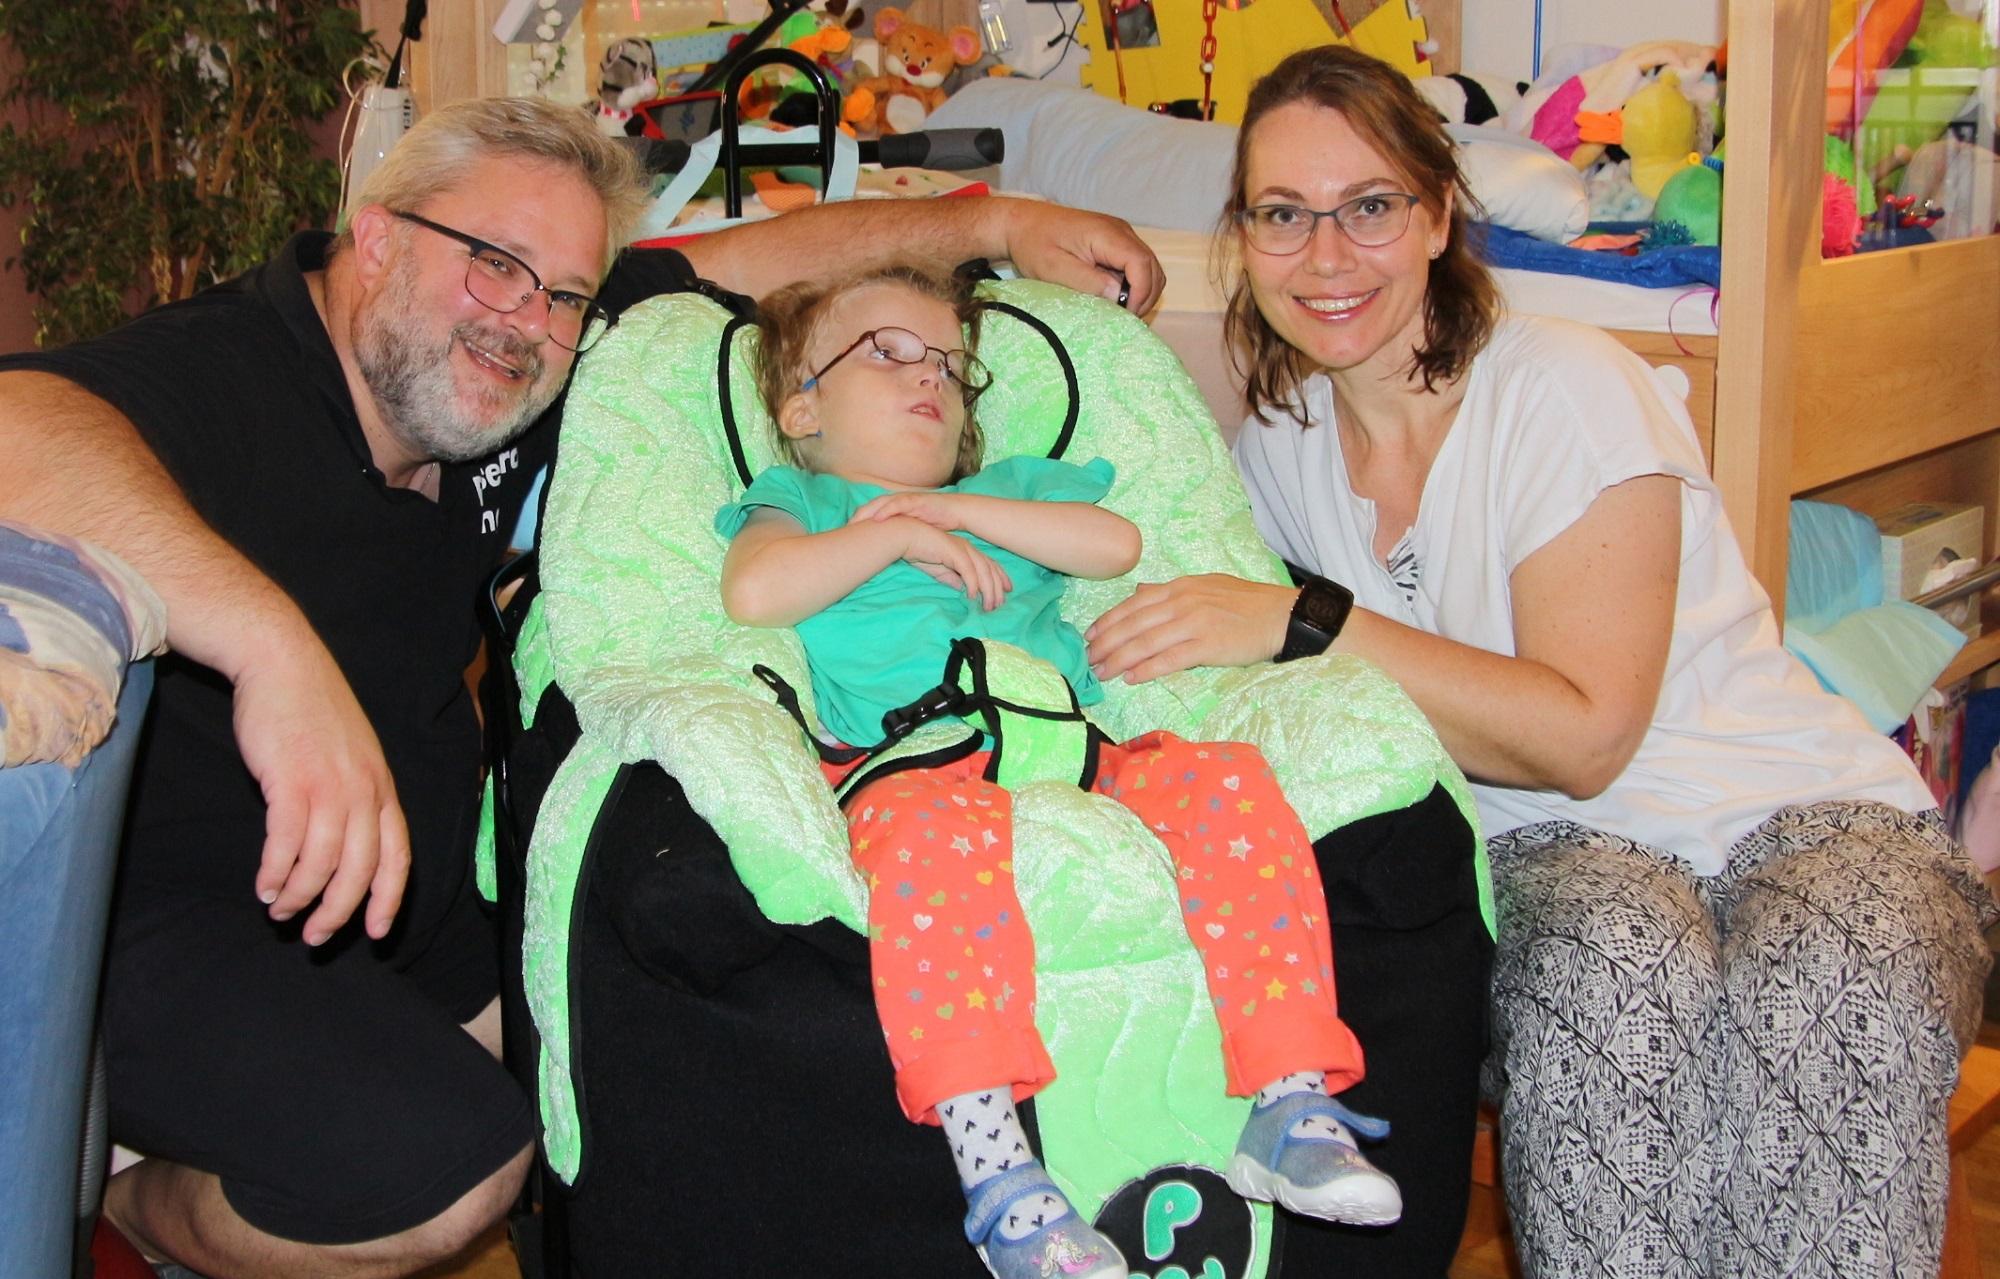 Eltern knien links und rechts neben kleinem, kranken Mädchen in Krankensitz